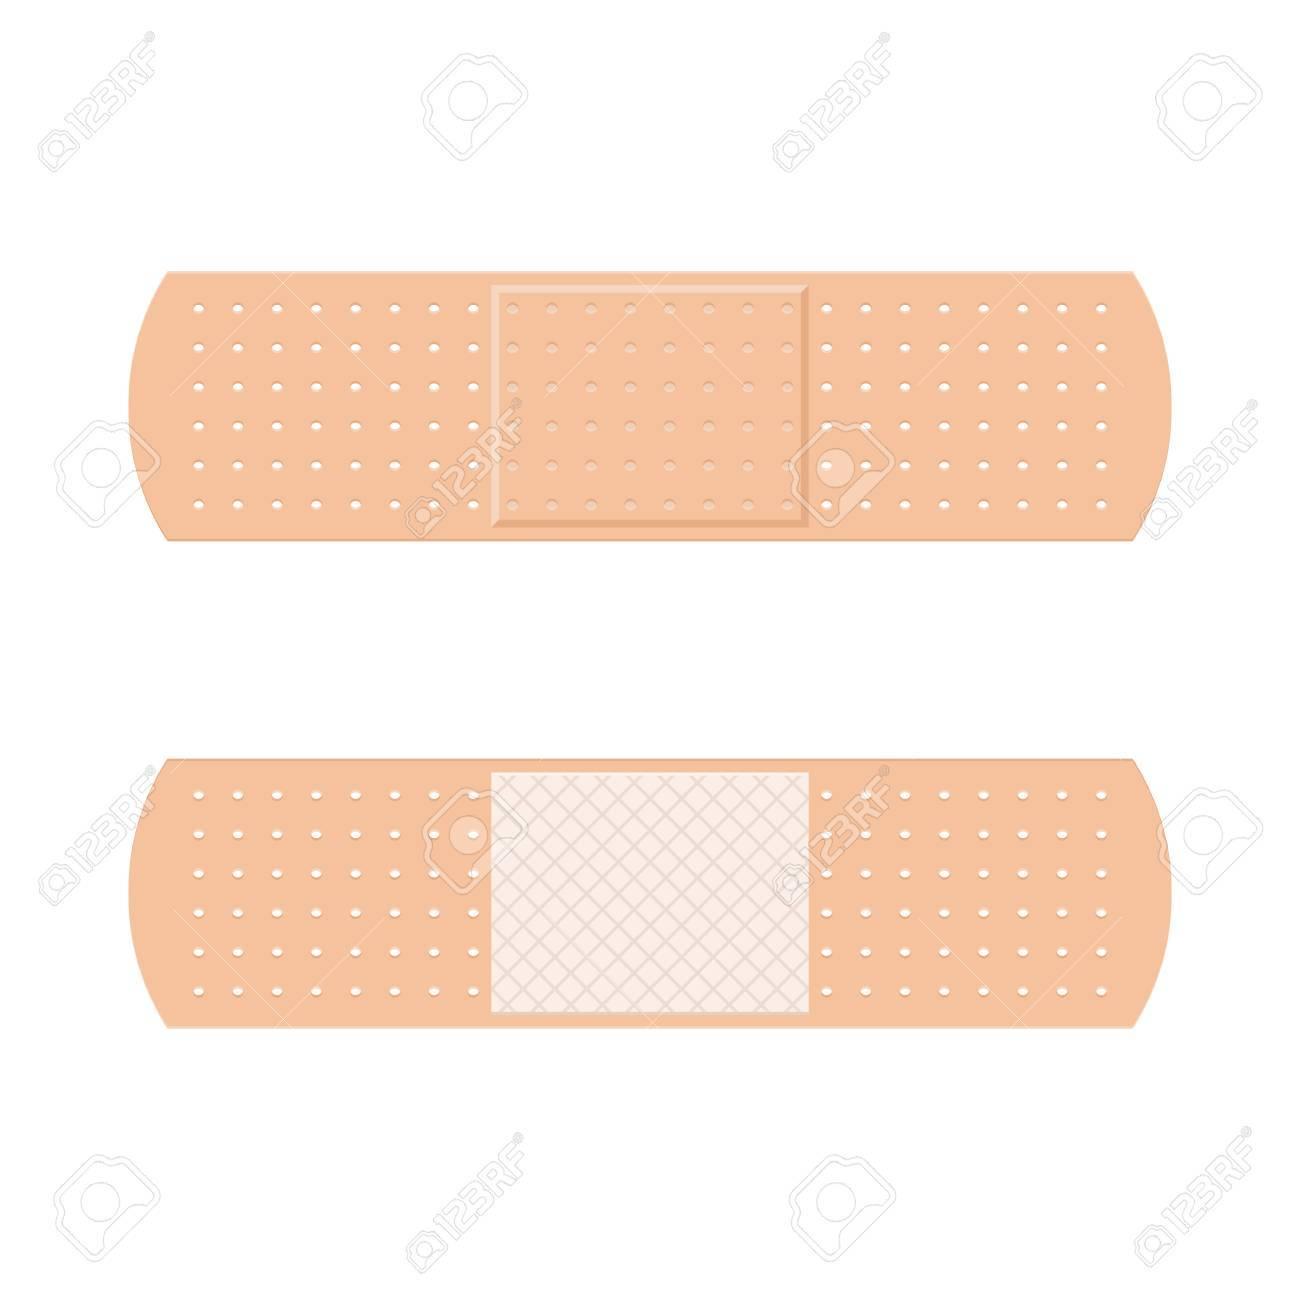 les bandes de plâtre de bande d'aide symbolisent le symbole